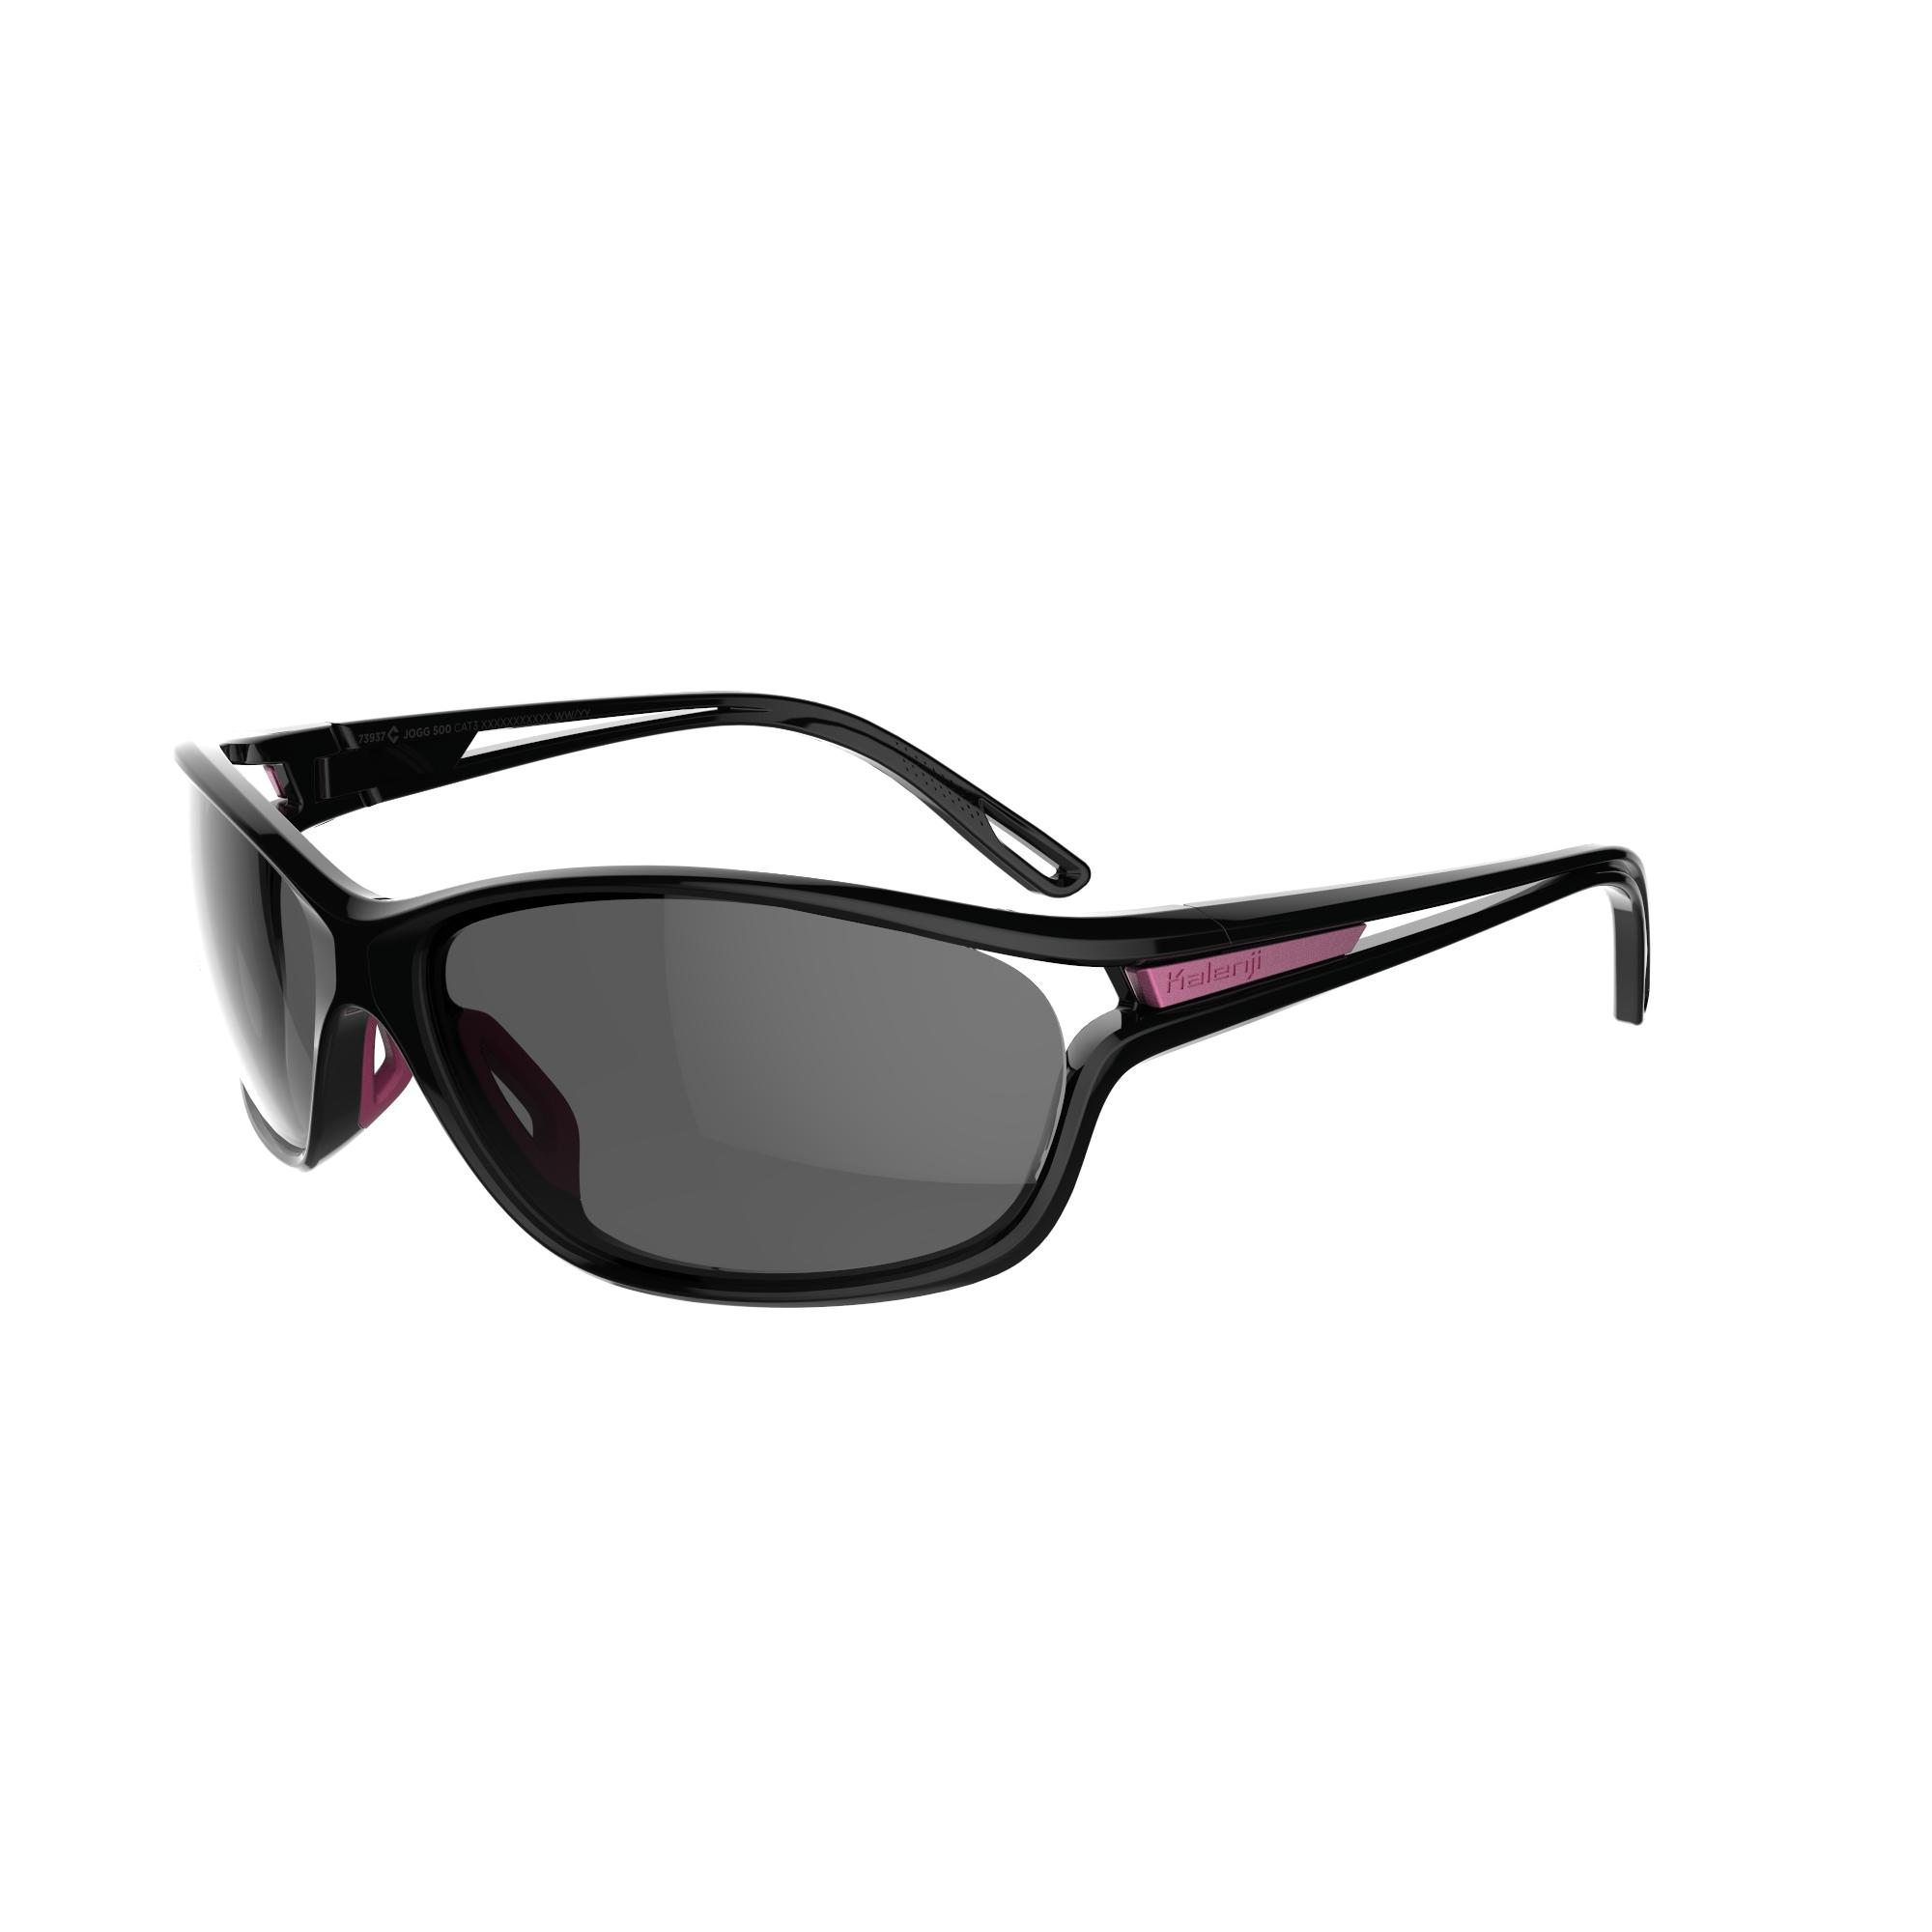 Lunettes de course pour adulte JOG 500 gris rose catégorie 3